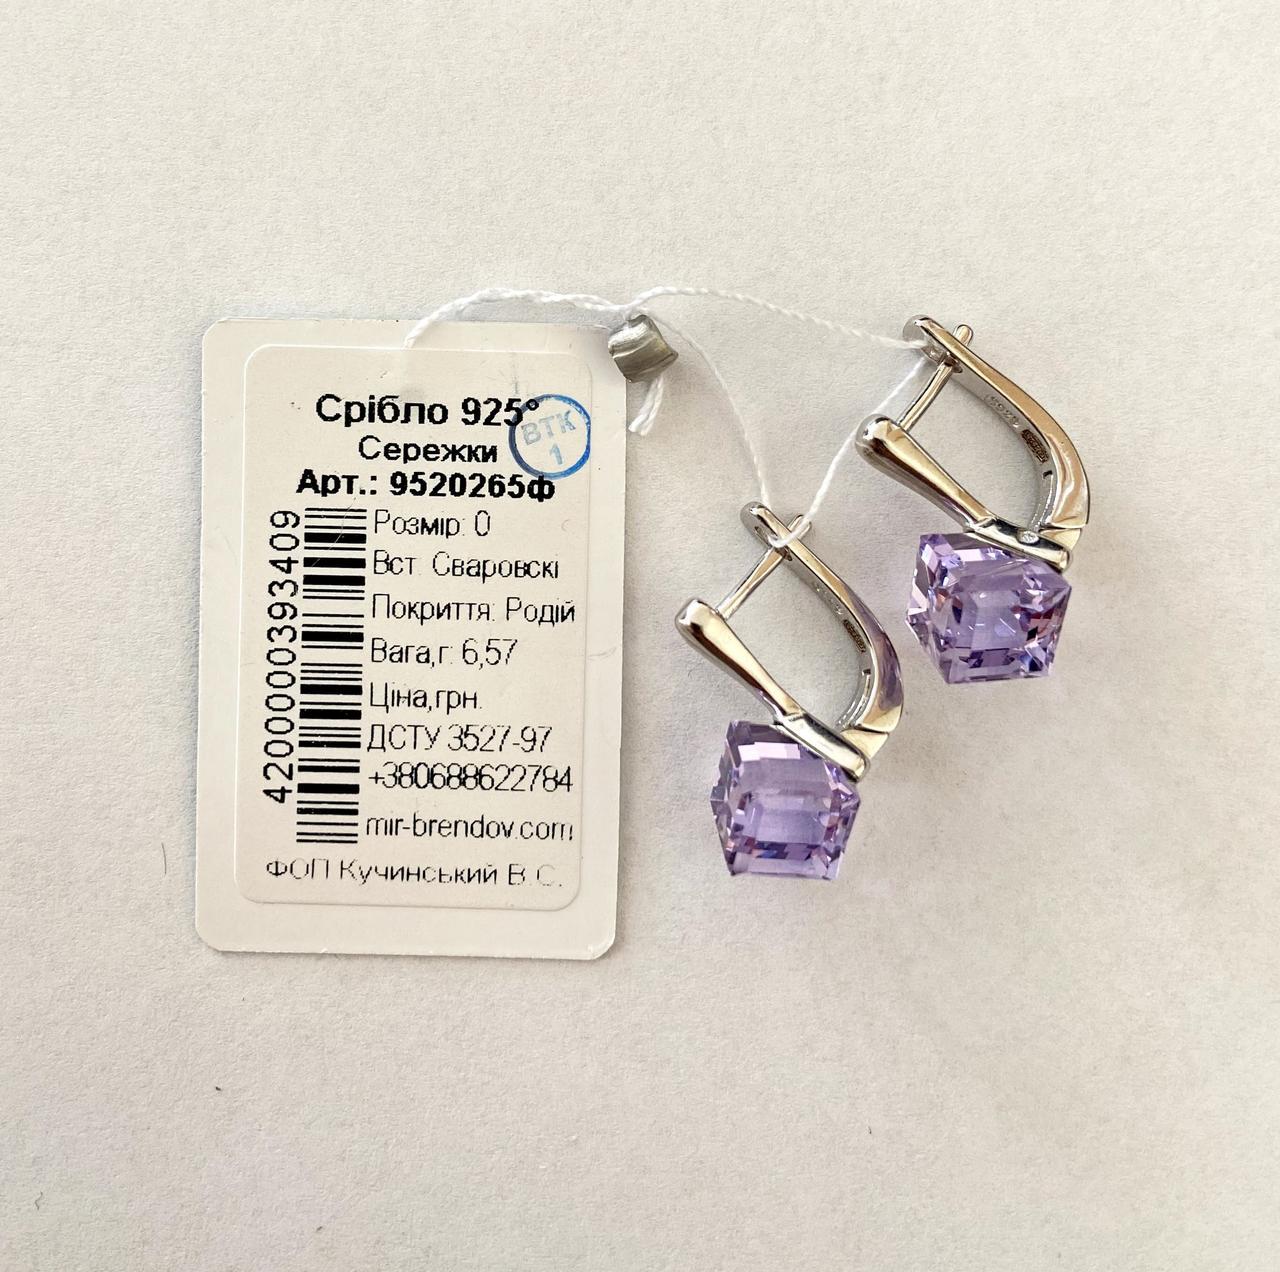 Сережки TOP Silver 6,55 г 9520265ф